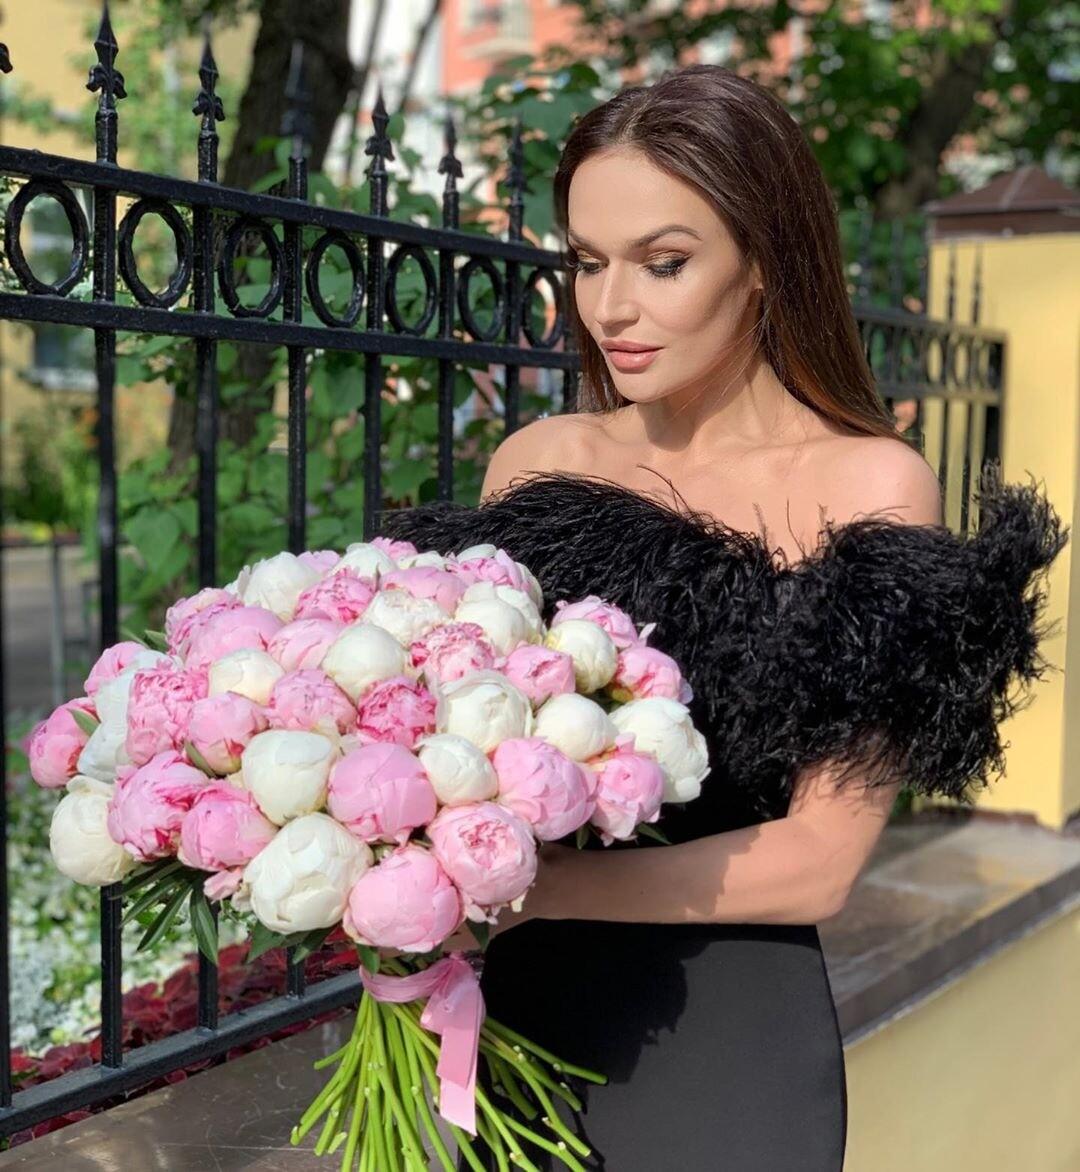 Алена Водонаева призналась, что хочет быть содержанкой (видео)